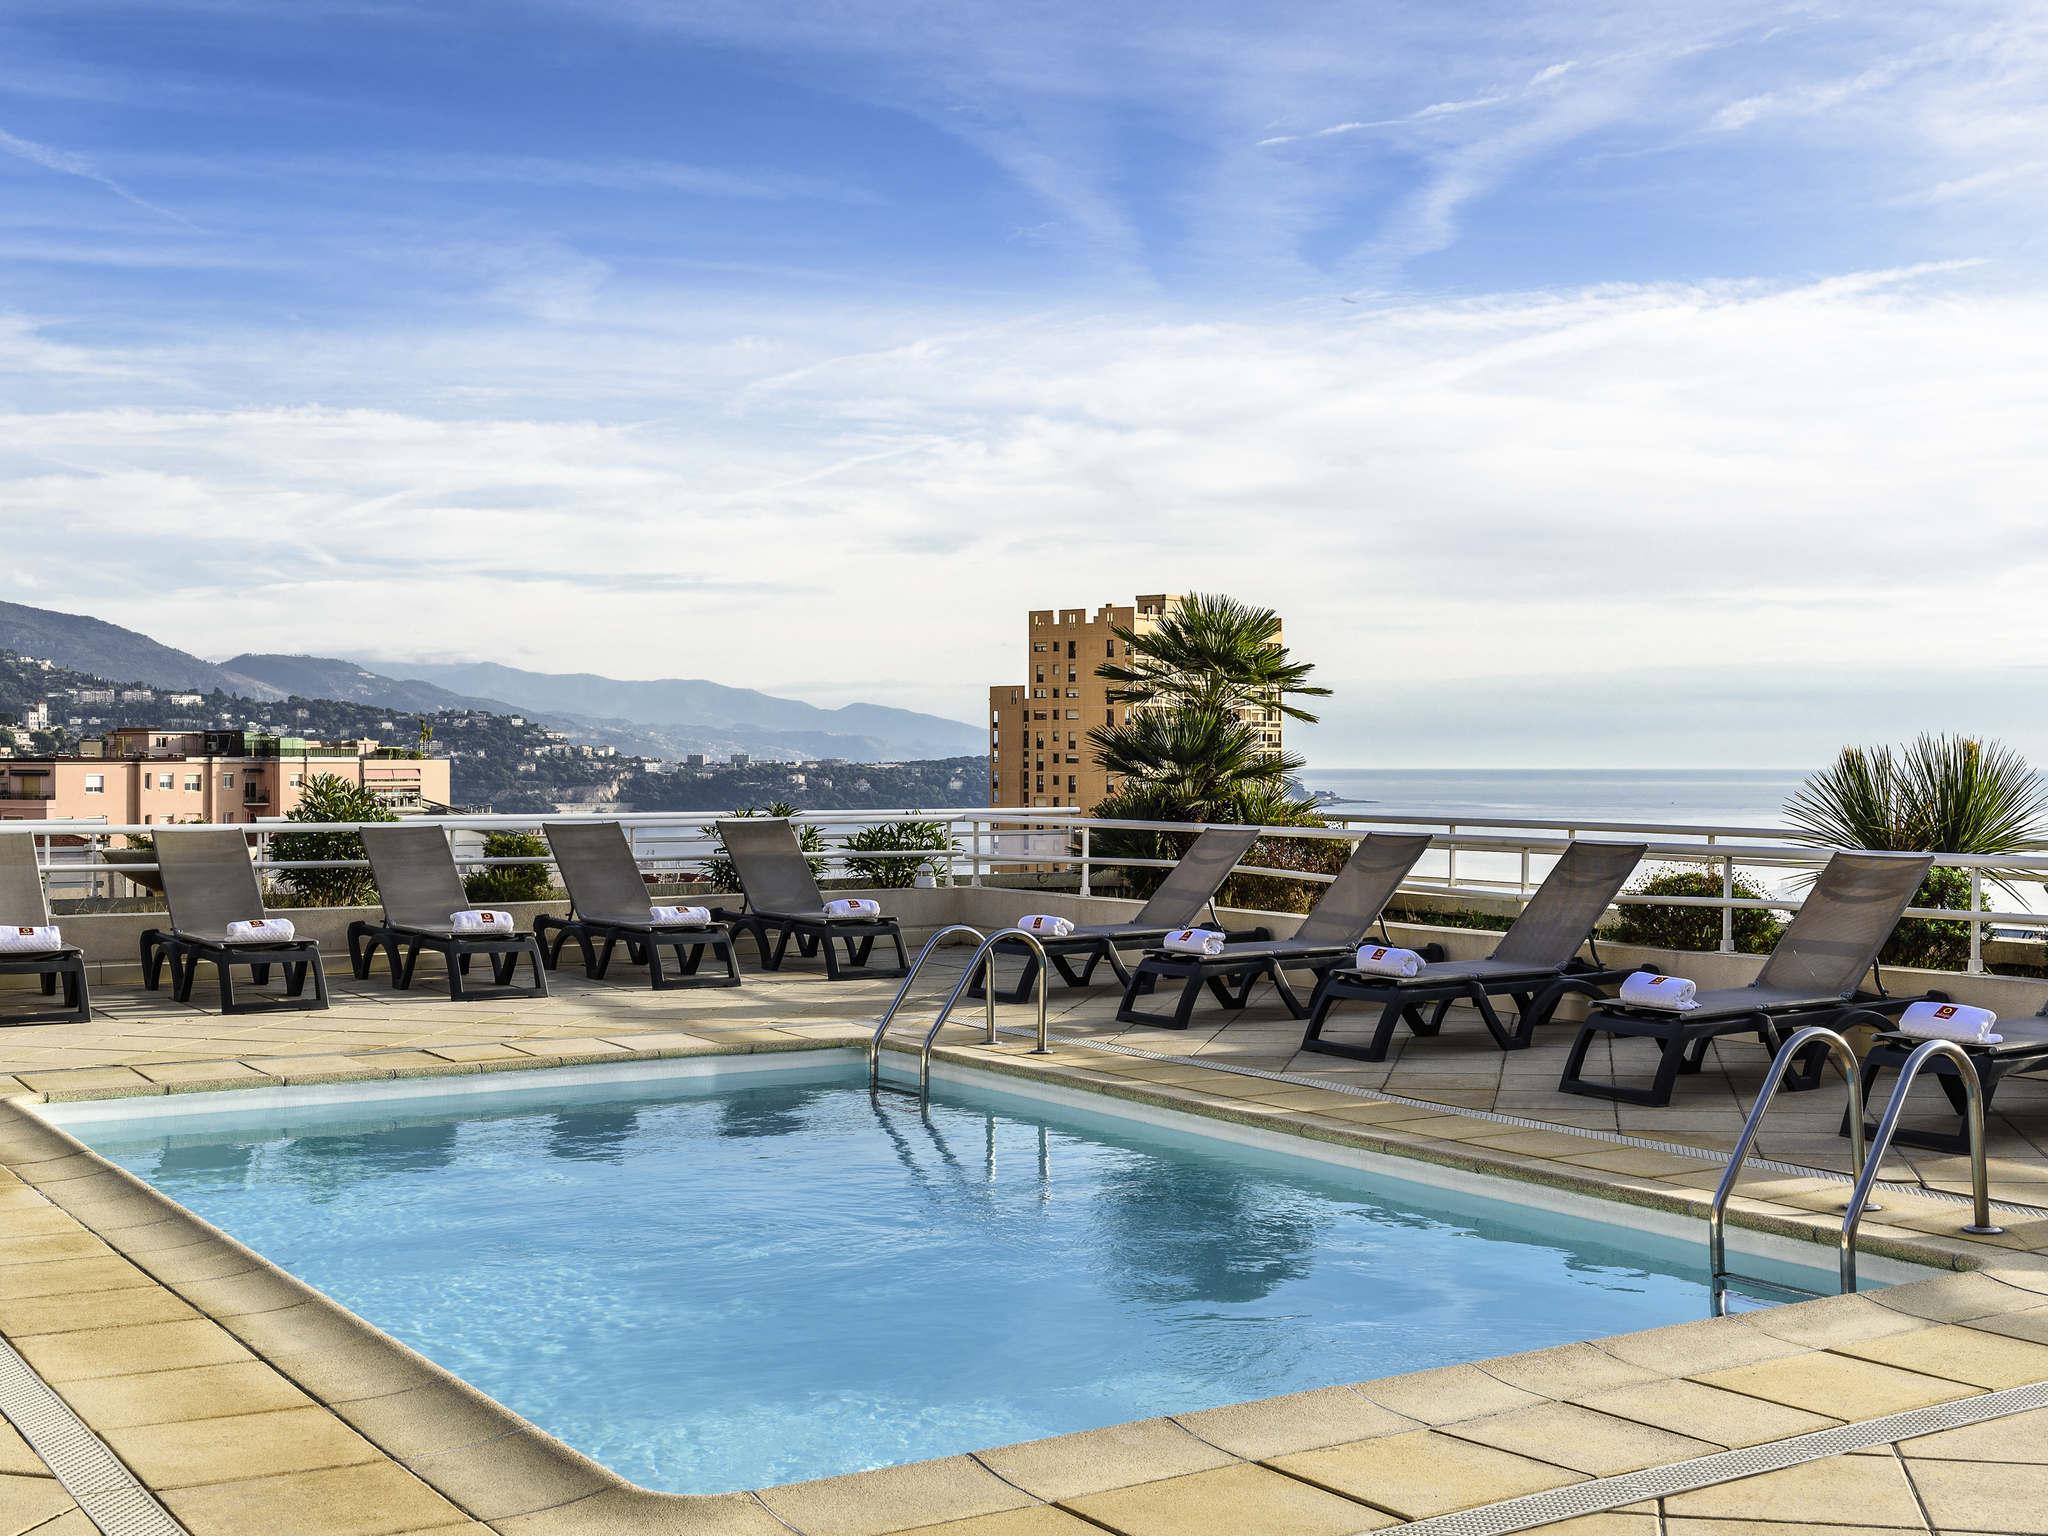 酒店 – 阿德吉奥摩纳哥约瑟芬宫酒店